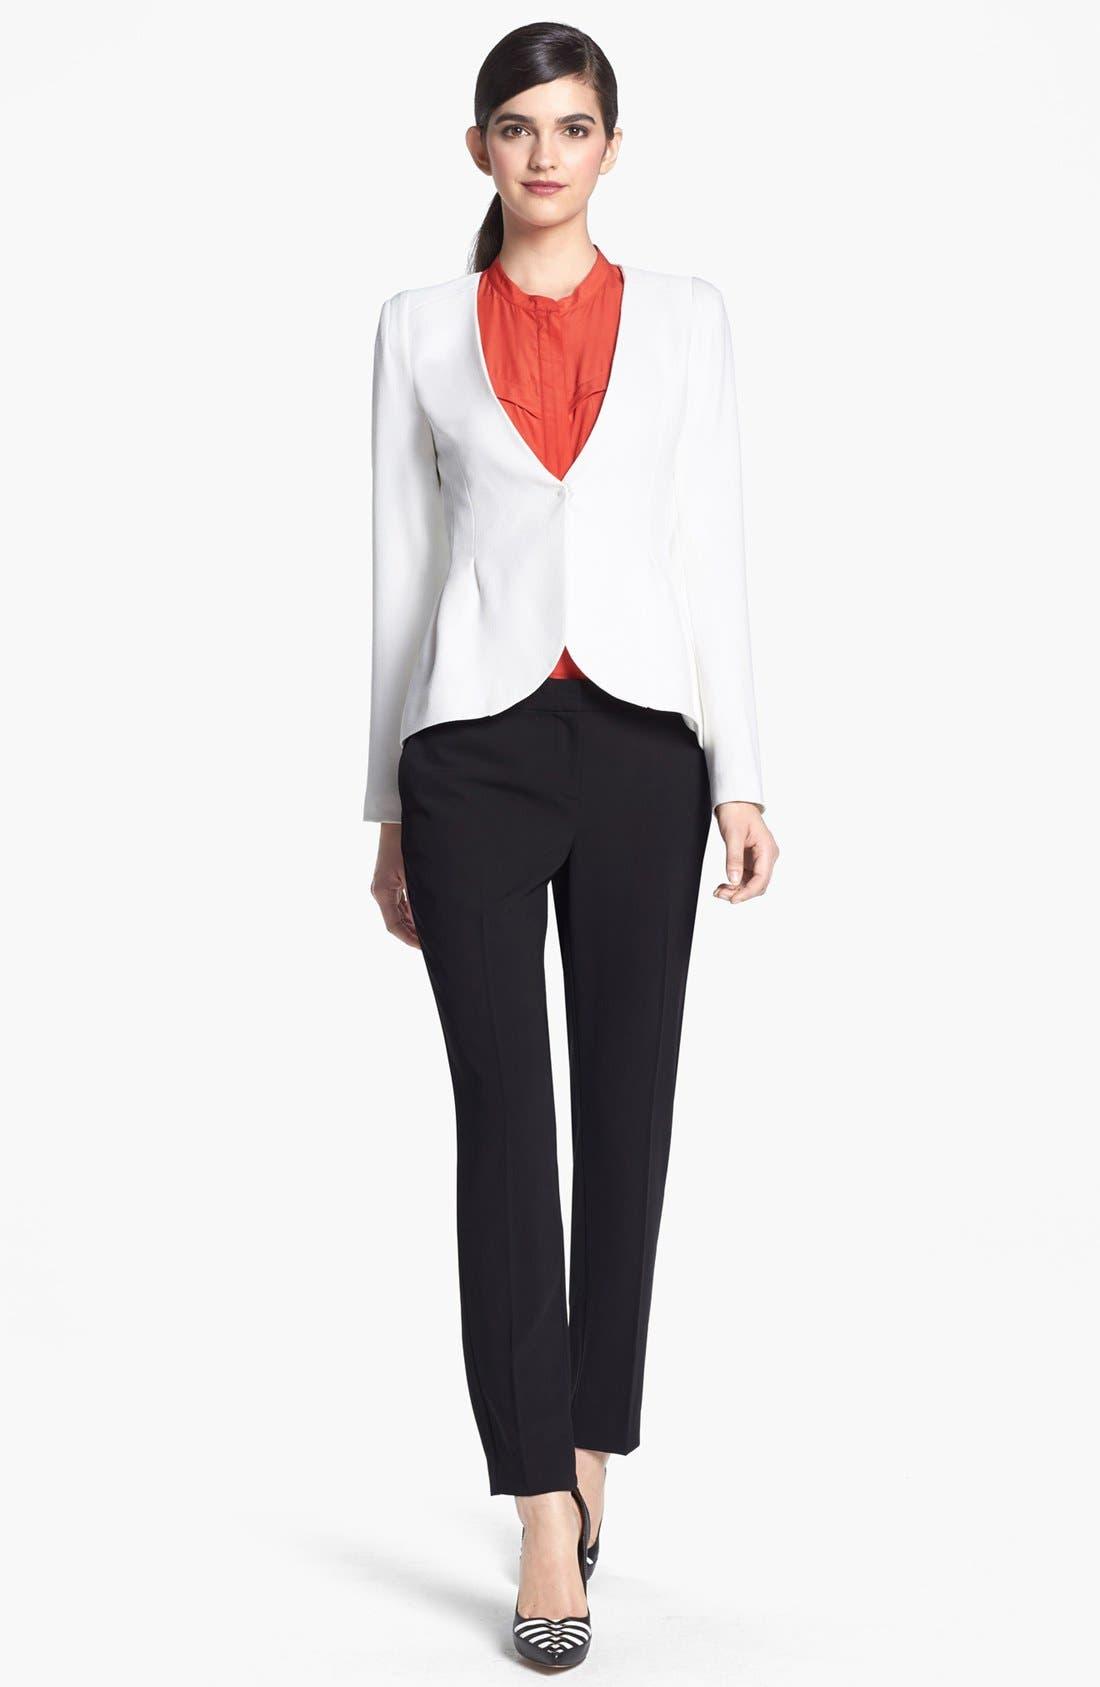 Main Image - Pure Sugar Jacket, Trouvé Top & Pants